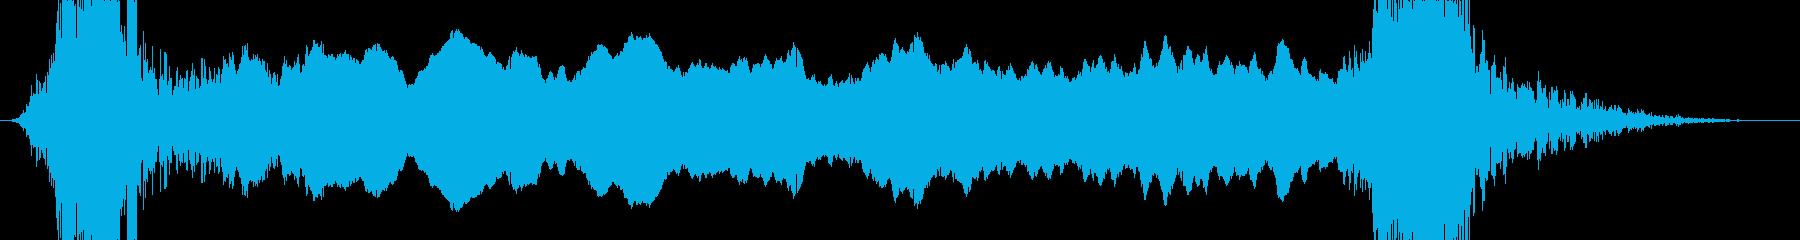 トランジション プロモーションパッド59の再生済みの波形